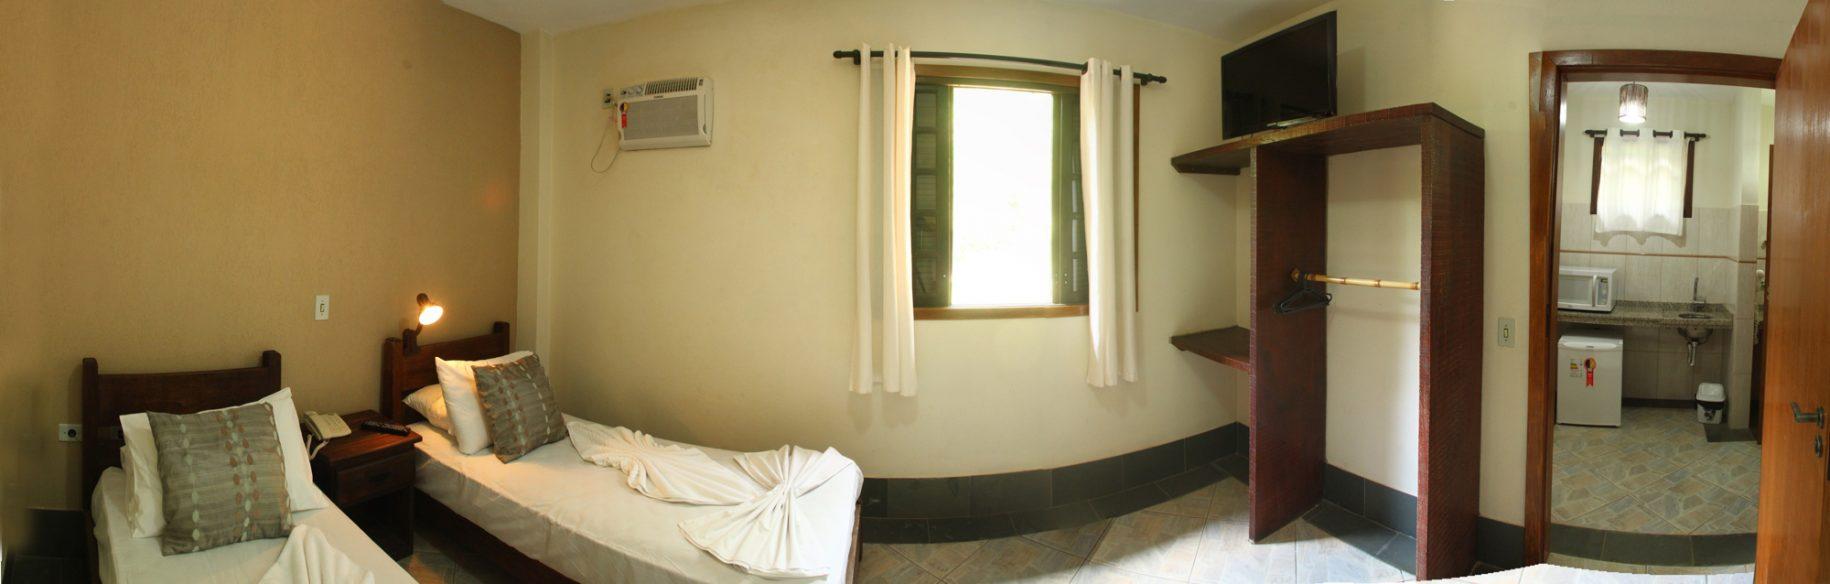 Foto com vista para o quarto de um dos chalés do hotel fazenda parque dos sonhos com, duas camas de solteiro, ar condicionado quente e frio, televisão de led, com vista também para copinha da mamãe com microondas, pia e frigobar